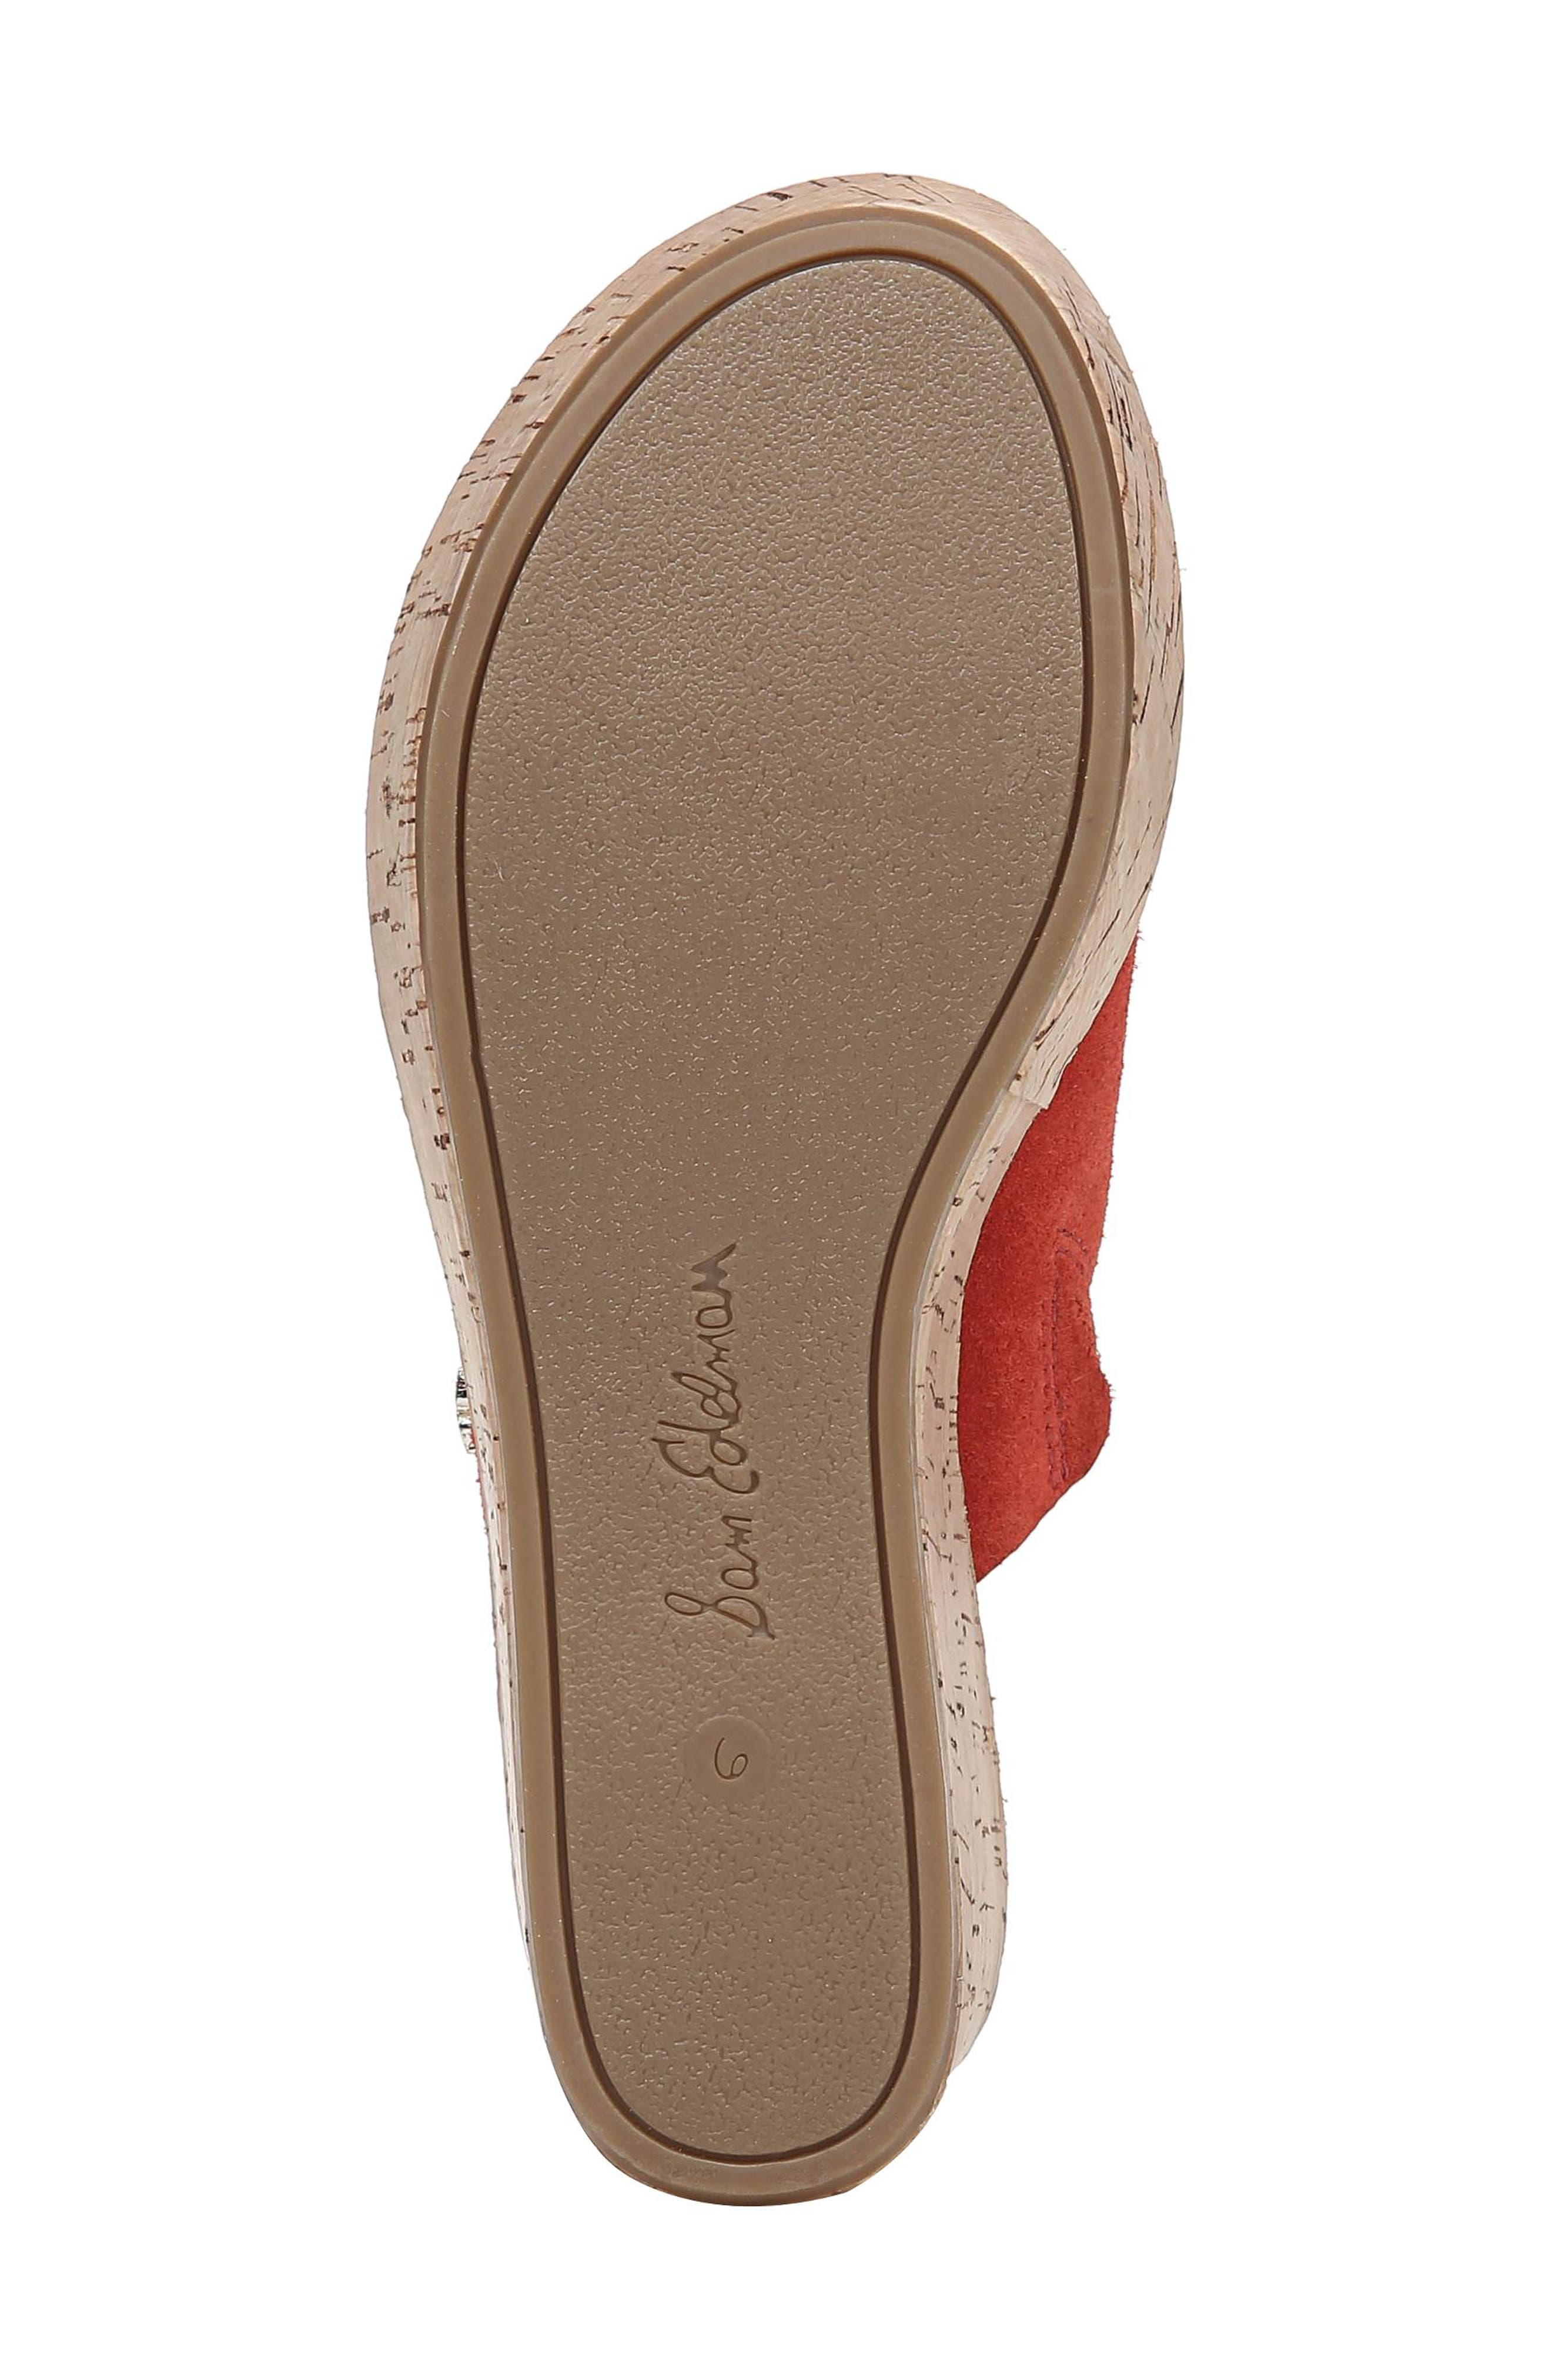 Ranger Platform Sandal,                             Alternate thumbnail 6, color,                             CANDY RED SUEDE